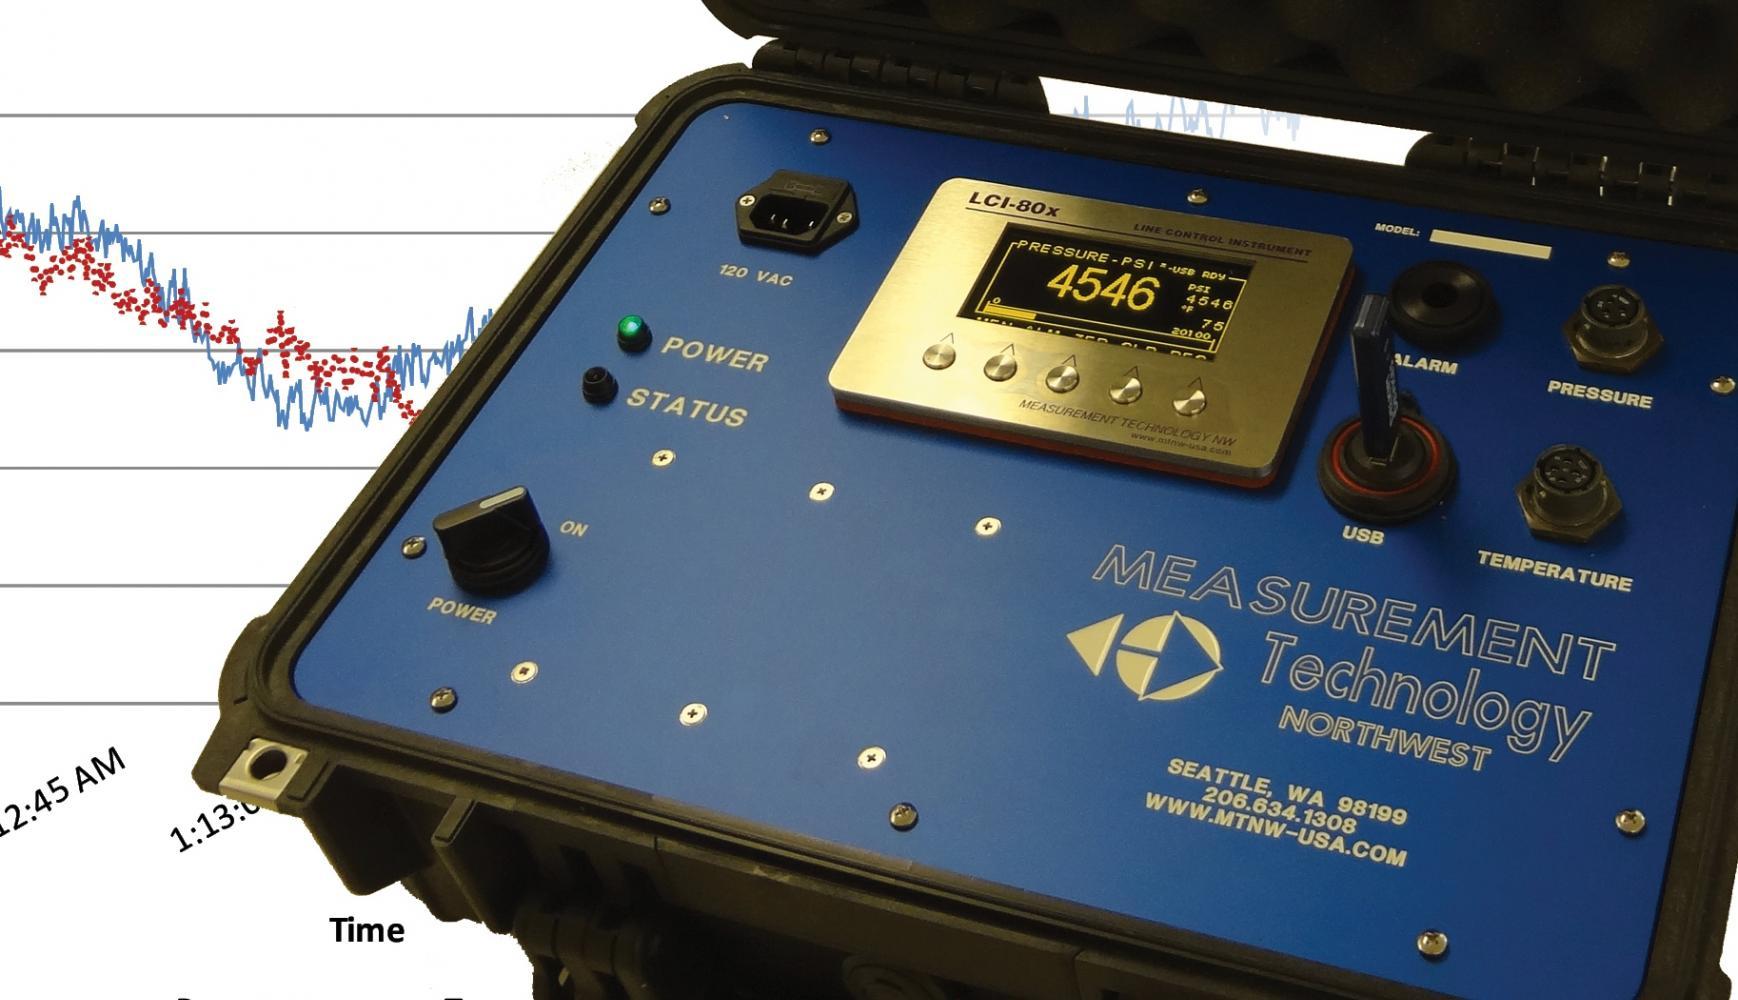 LCI-80x Digital Chart Recorder